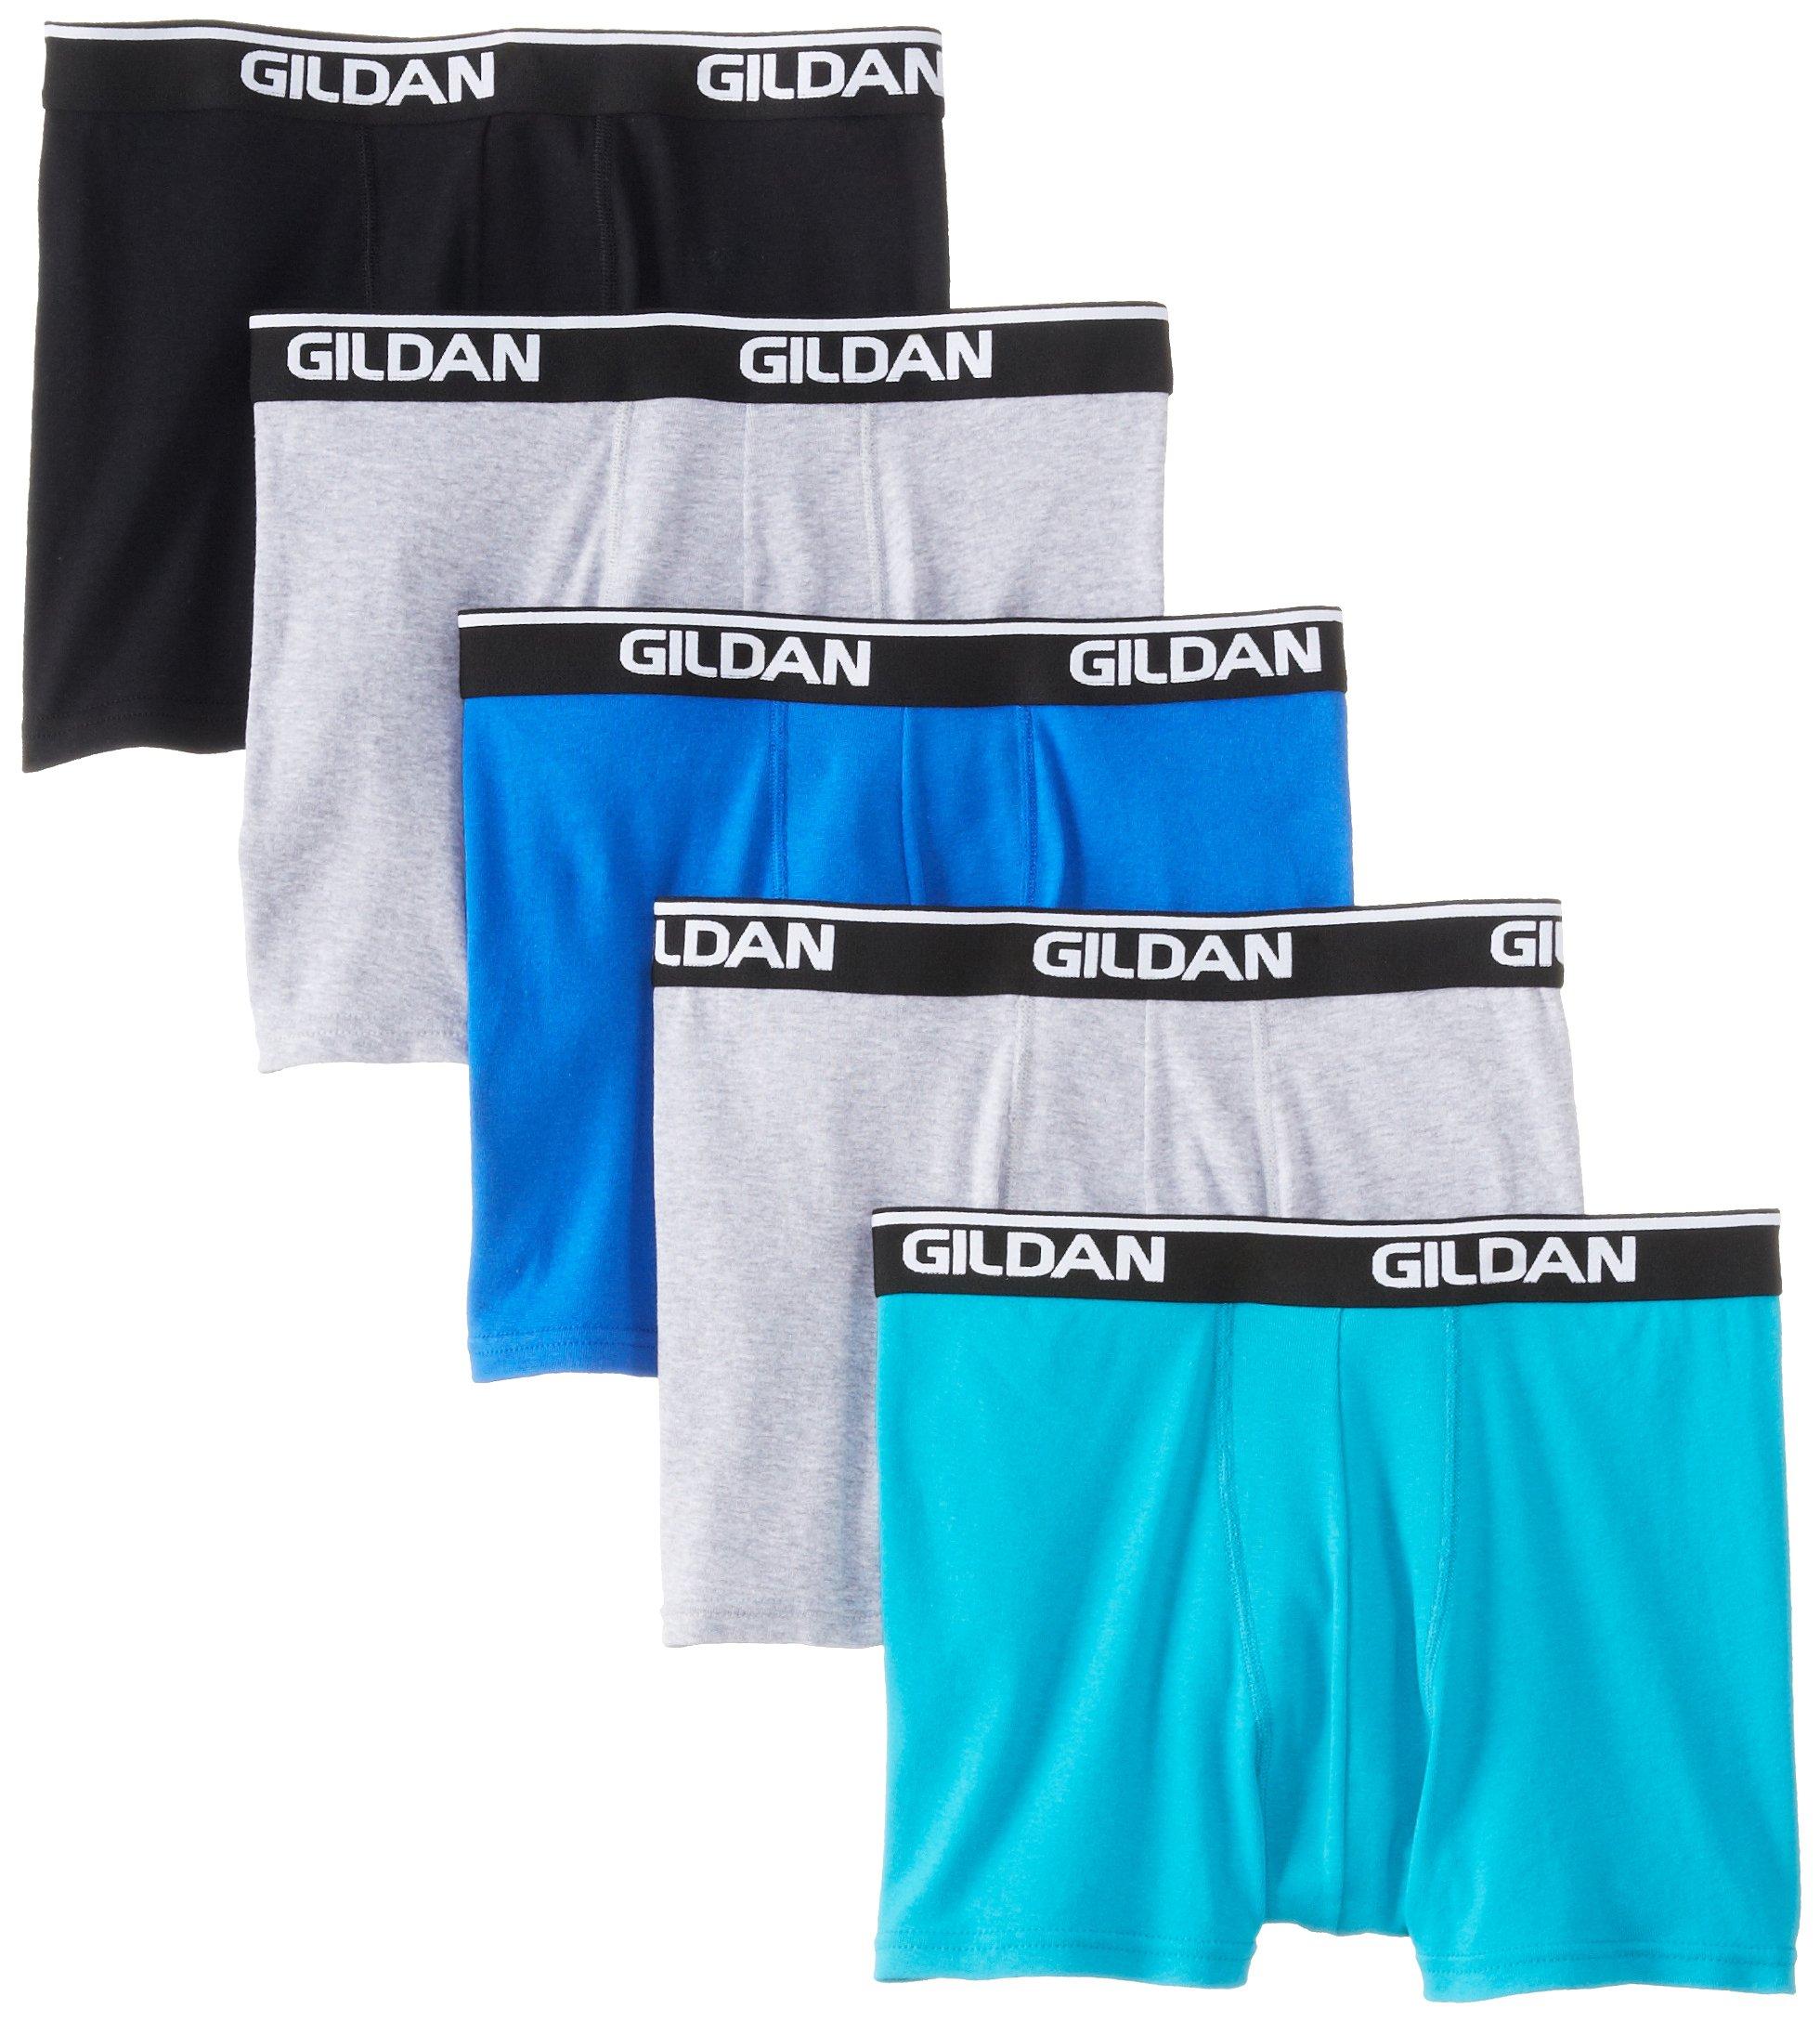 73b2cb67e871 Galleon - Gildan Men's Platinum Short Leg Boxer Brief - Medium - Black  Assorted (Pack Of 5)